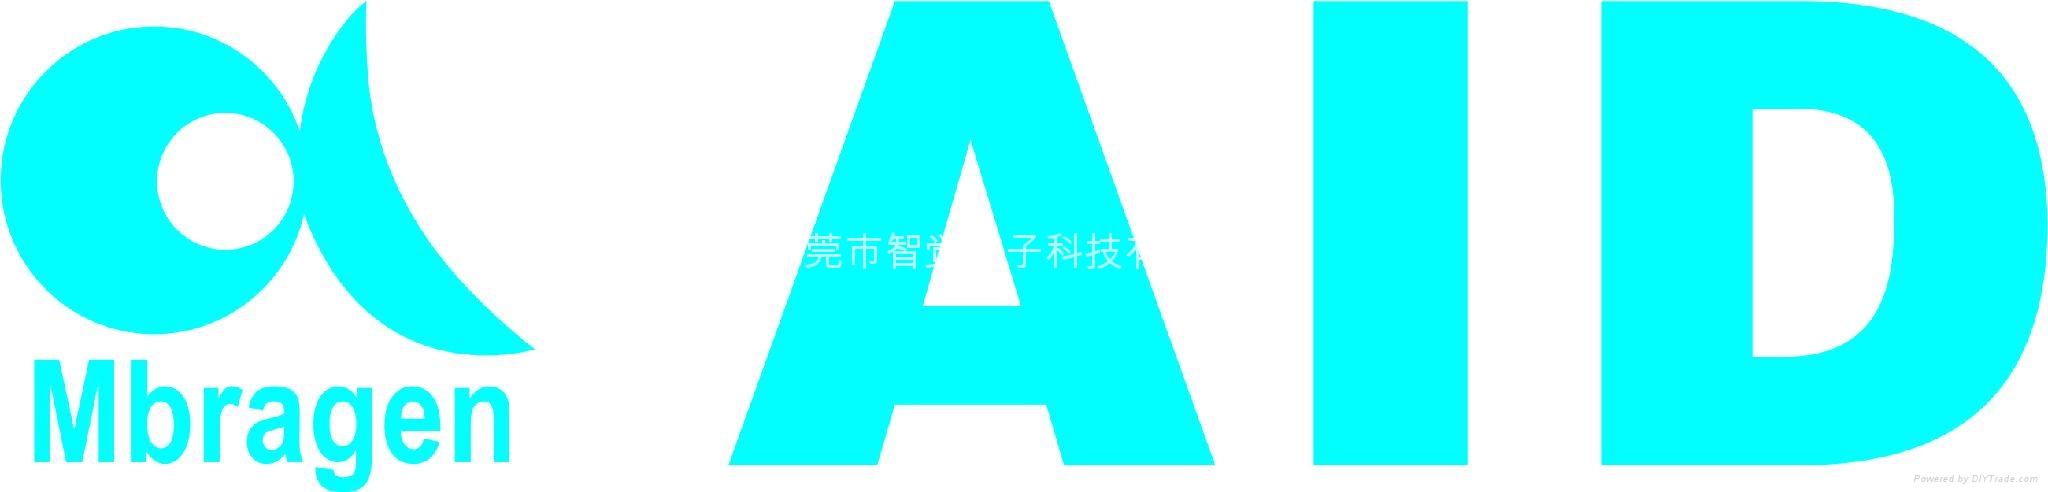 logo 标识 标志 设计 矢量 矢量图 素材 图标 2048_492